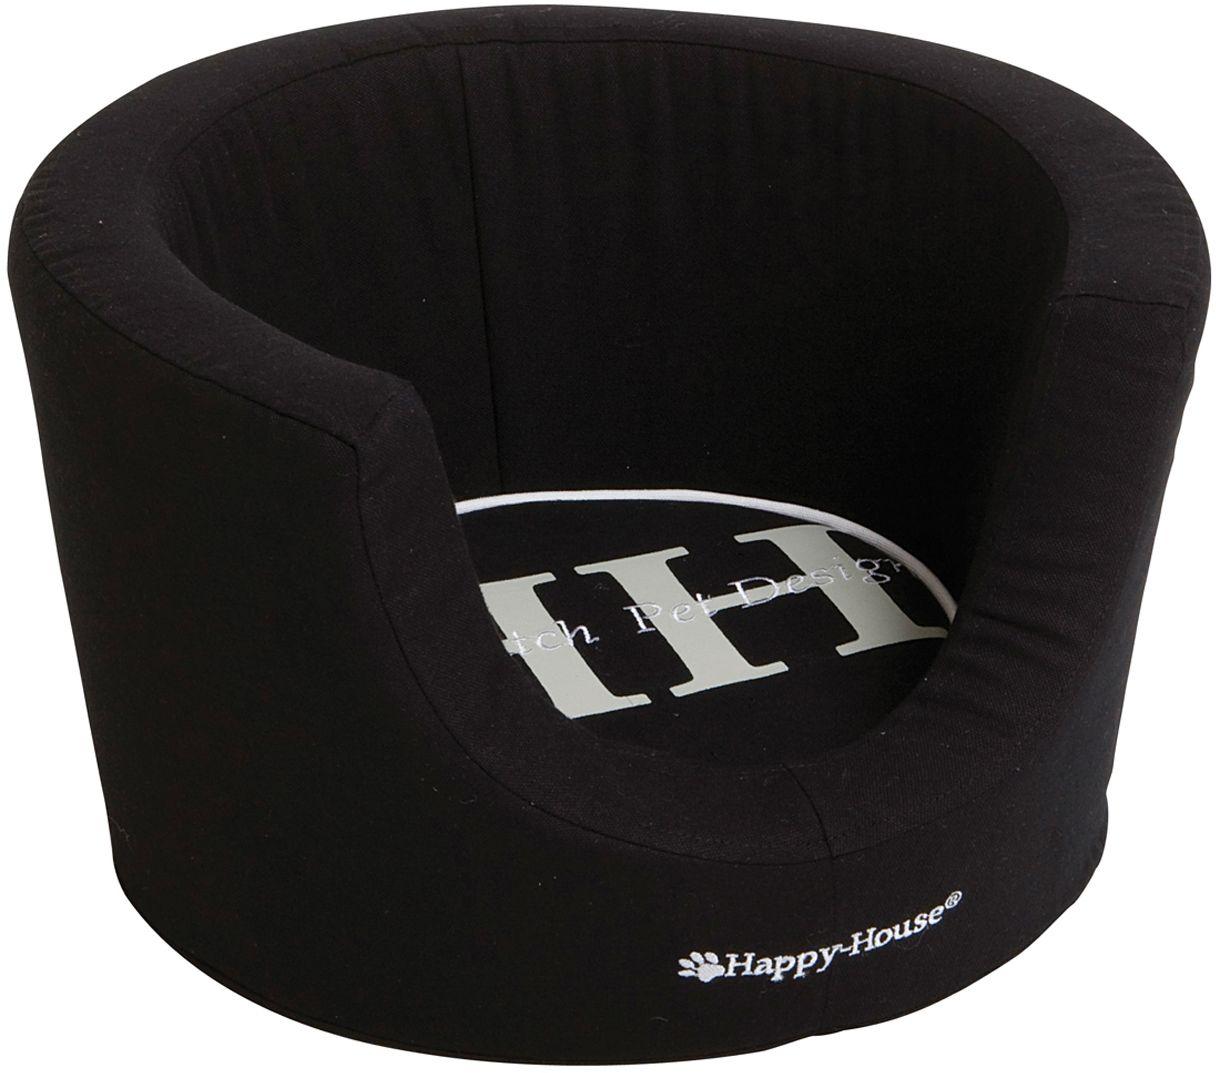 Лежак для животных Happy House Canvas Comfort, цвет: черный, 52 х 52 х 31 см8912-5Лежак Happy House Canvas Comfort непременно станет любимым местом отдыха вашего домашнего животного. Изделие выполнено из высококачественного хлопка, а наполнитель - из полиэстера. Такой материал не теряет своей формы долгое время. Внутри имеется мягкая съемная подстилка. На таком лежаке вашему любимцу будет мягко и тепло. Он подарит вашему питомцу ощущение уюта и уединенности.